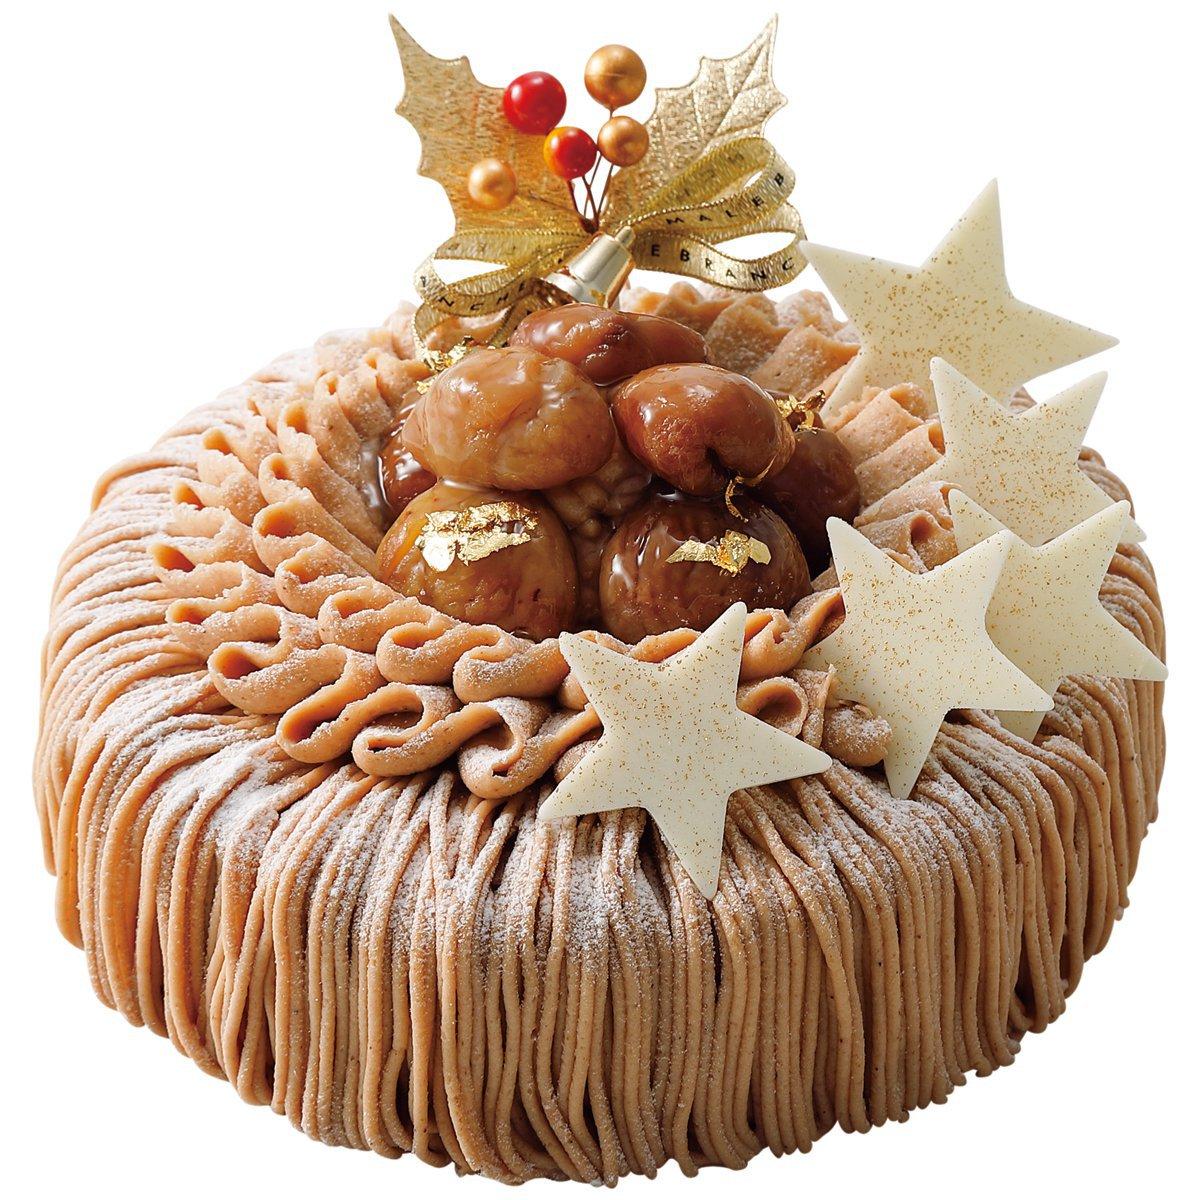 マールブランシュのクリスマスケーキ